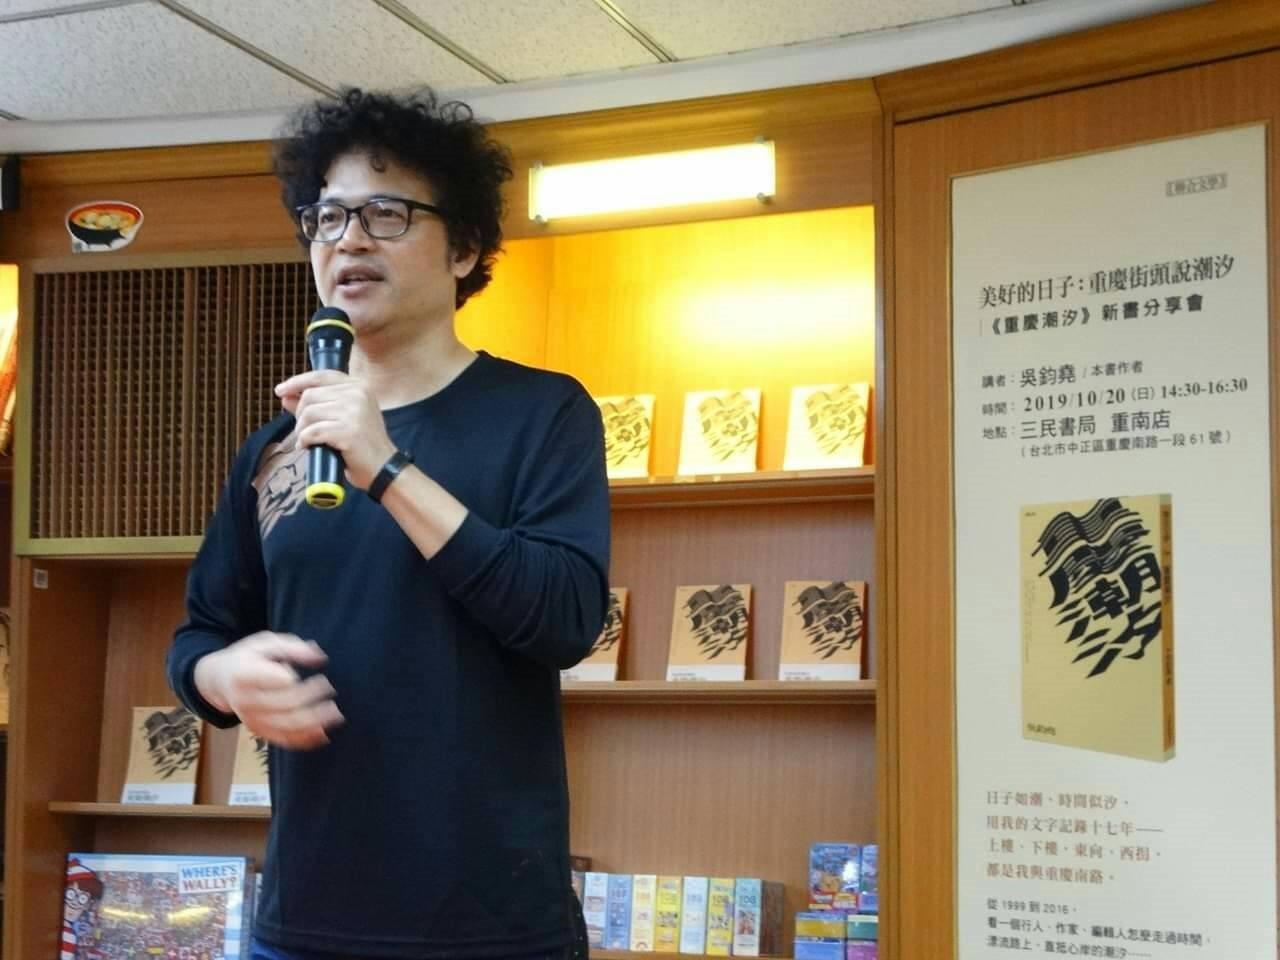 吳鈞堯在10月20日於三民書局舉行最新散文集《重慶潮汐》的分享會。(圖/聯合文學...